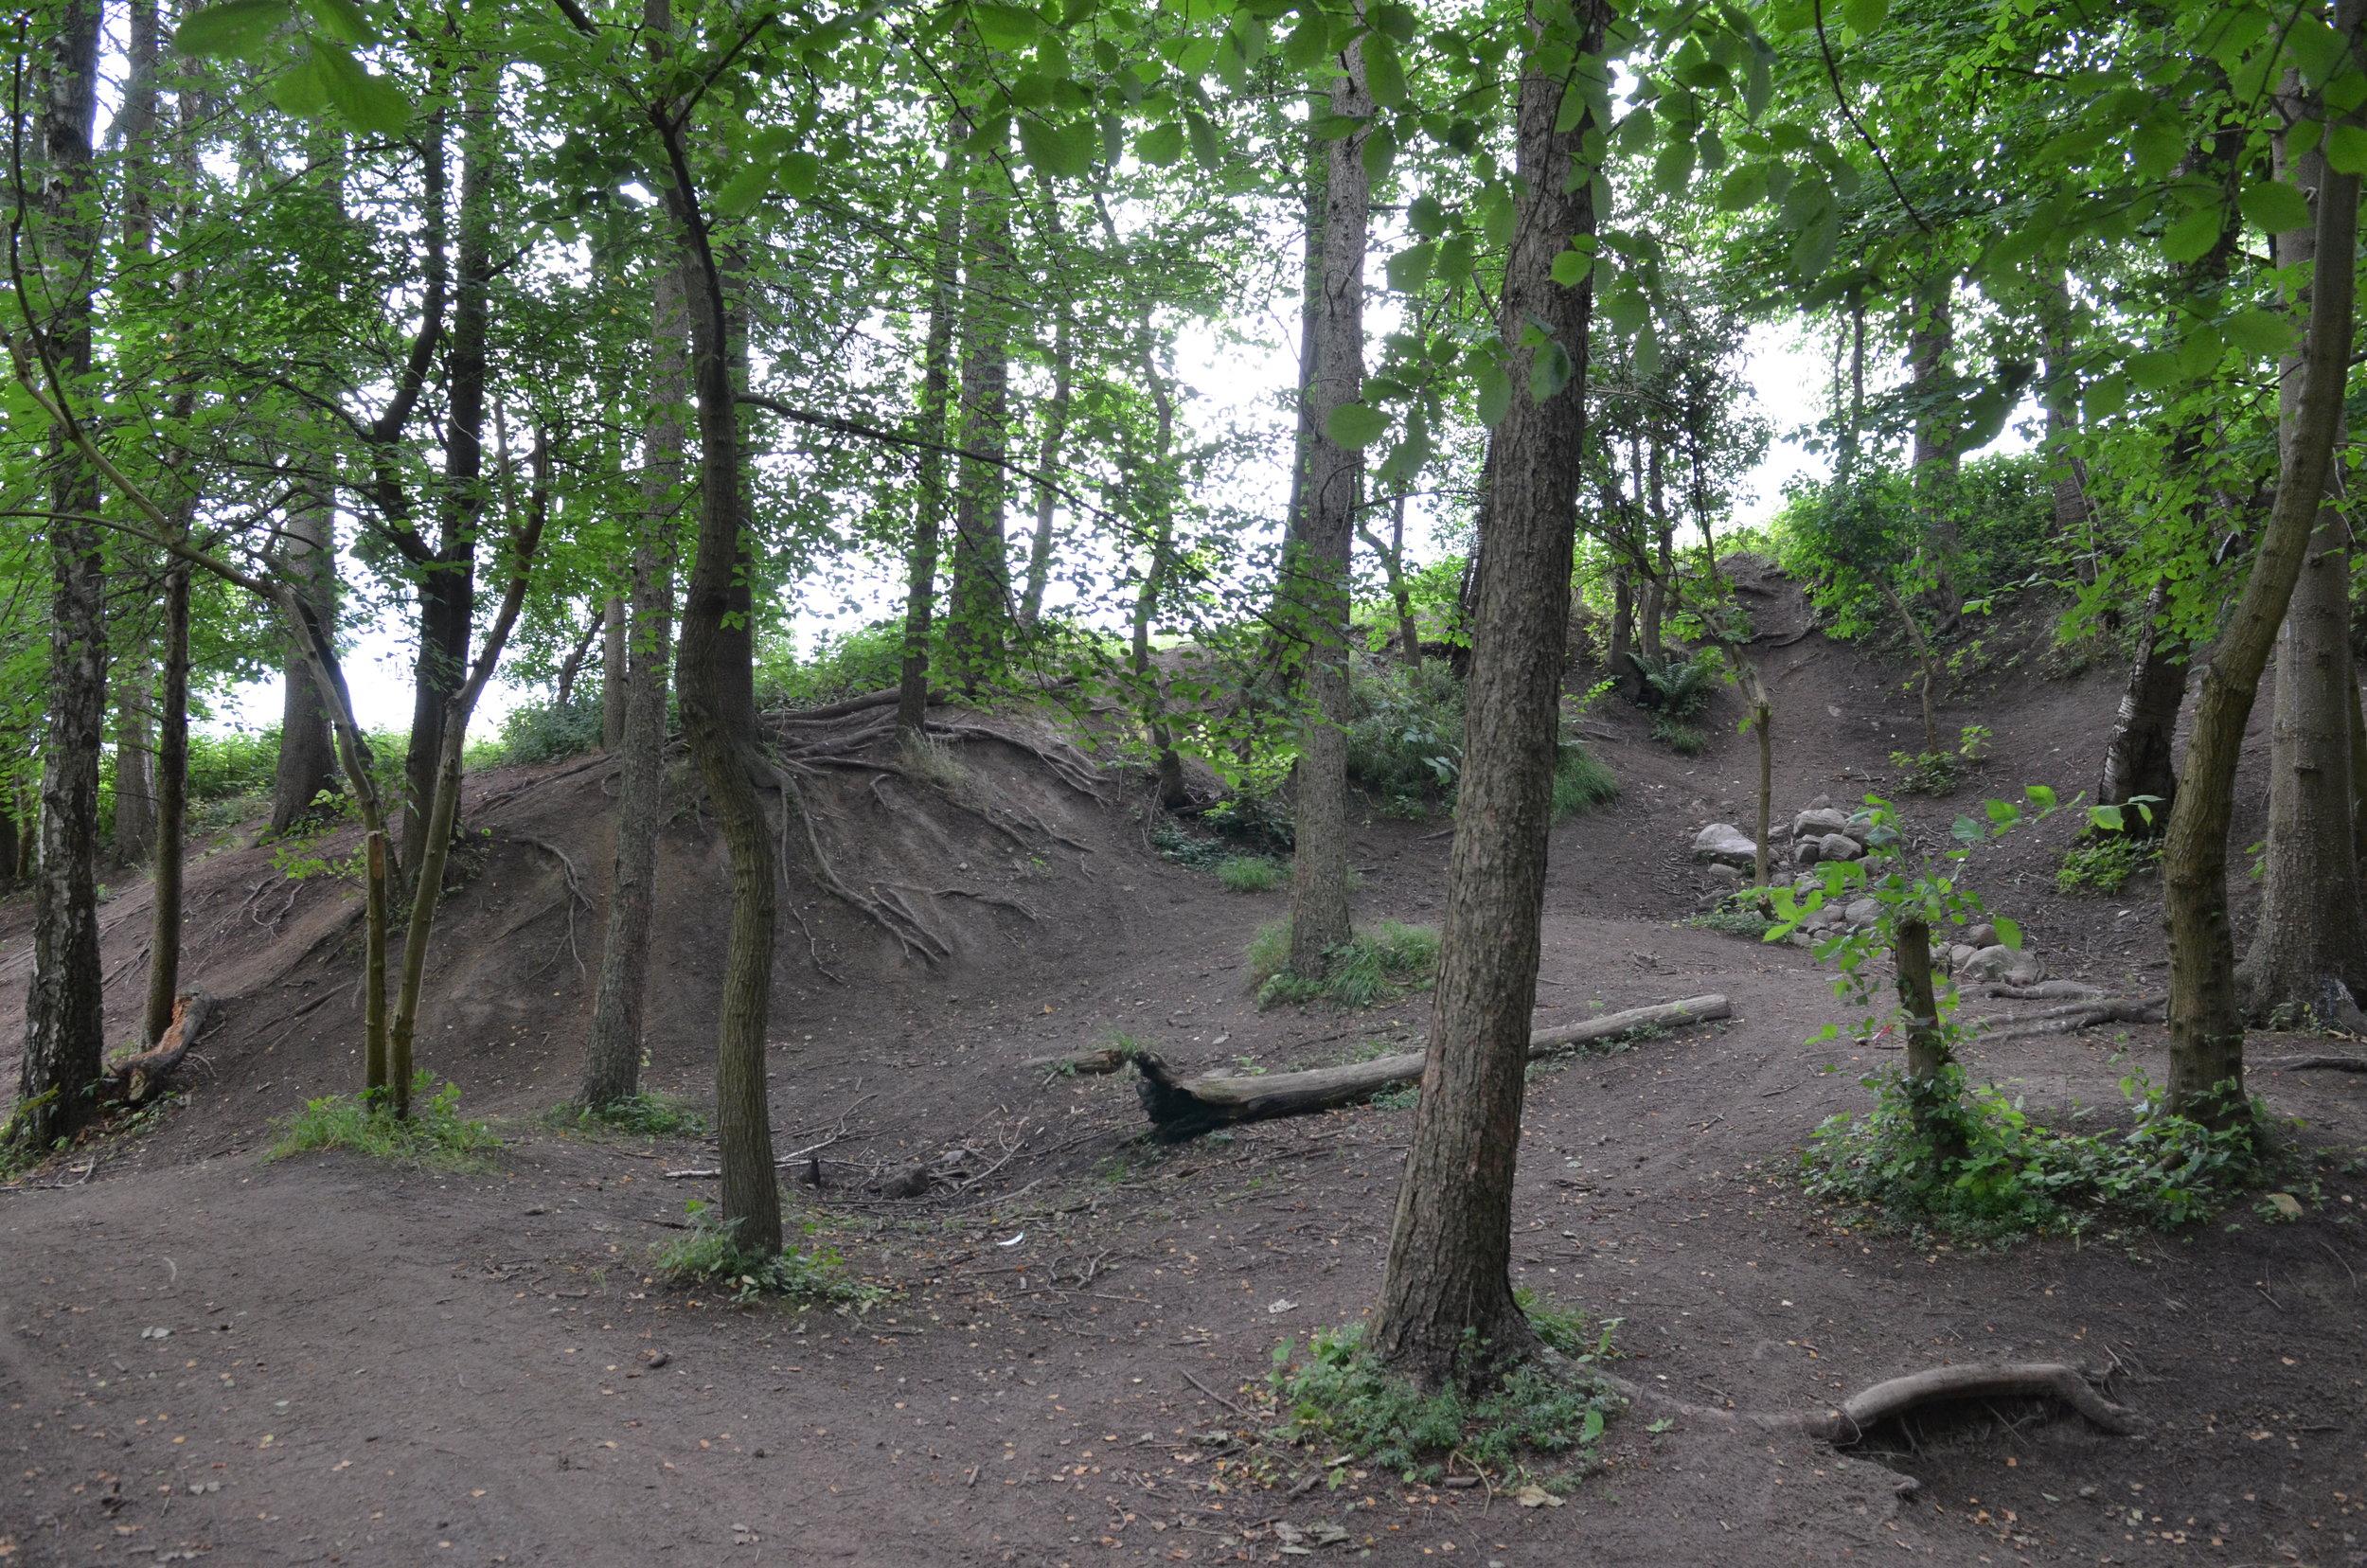 Turen går bl.a. forbi de gamle Allerød- og Blovstrød-teglværker og deres første lergrave. Her vil snart en ny bydel rejse sig og en skov blive åbnet. Arkivfoto: AOB